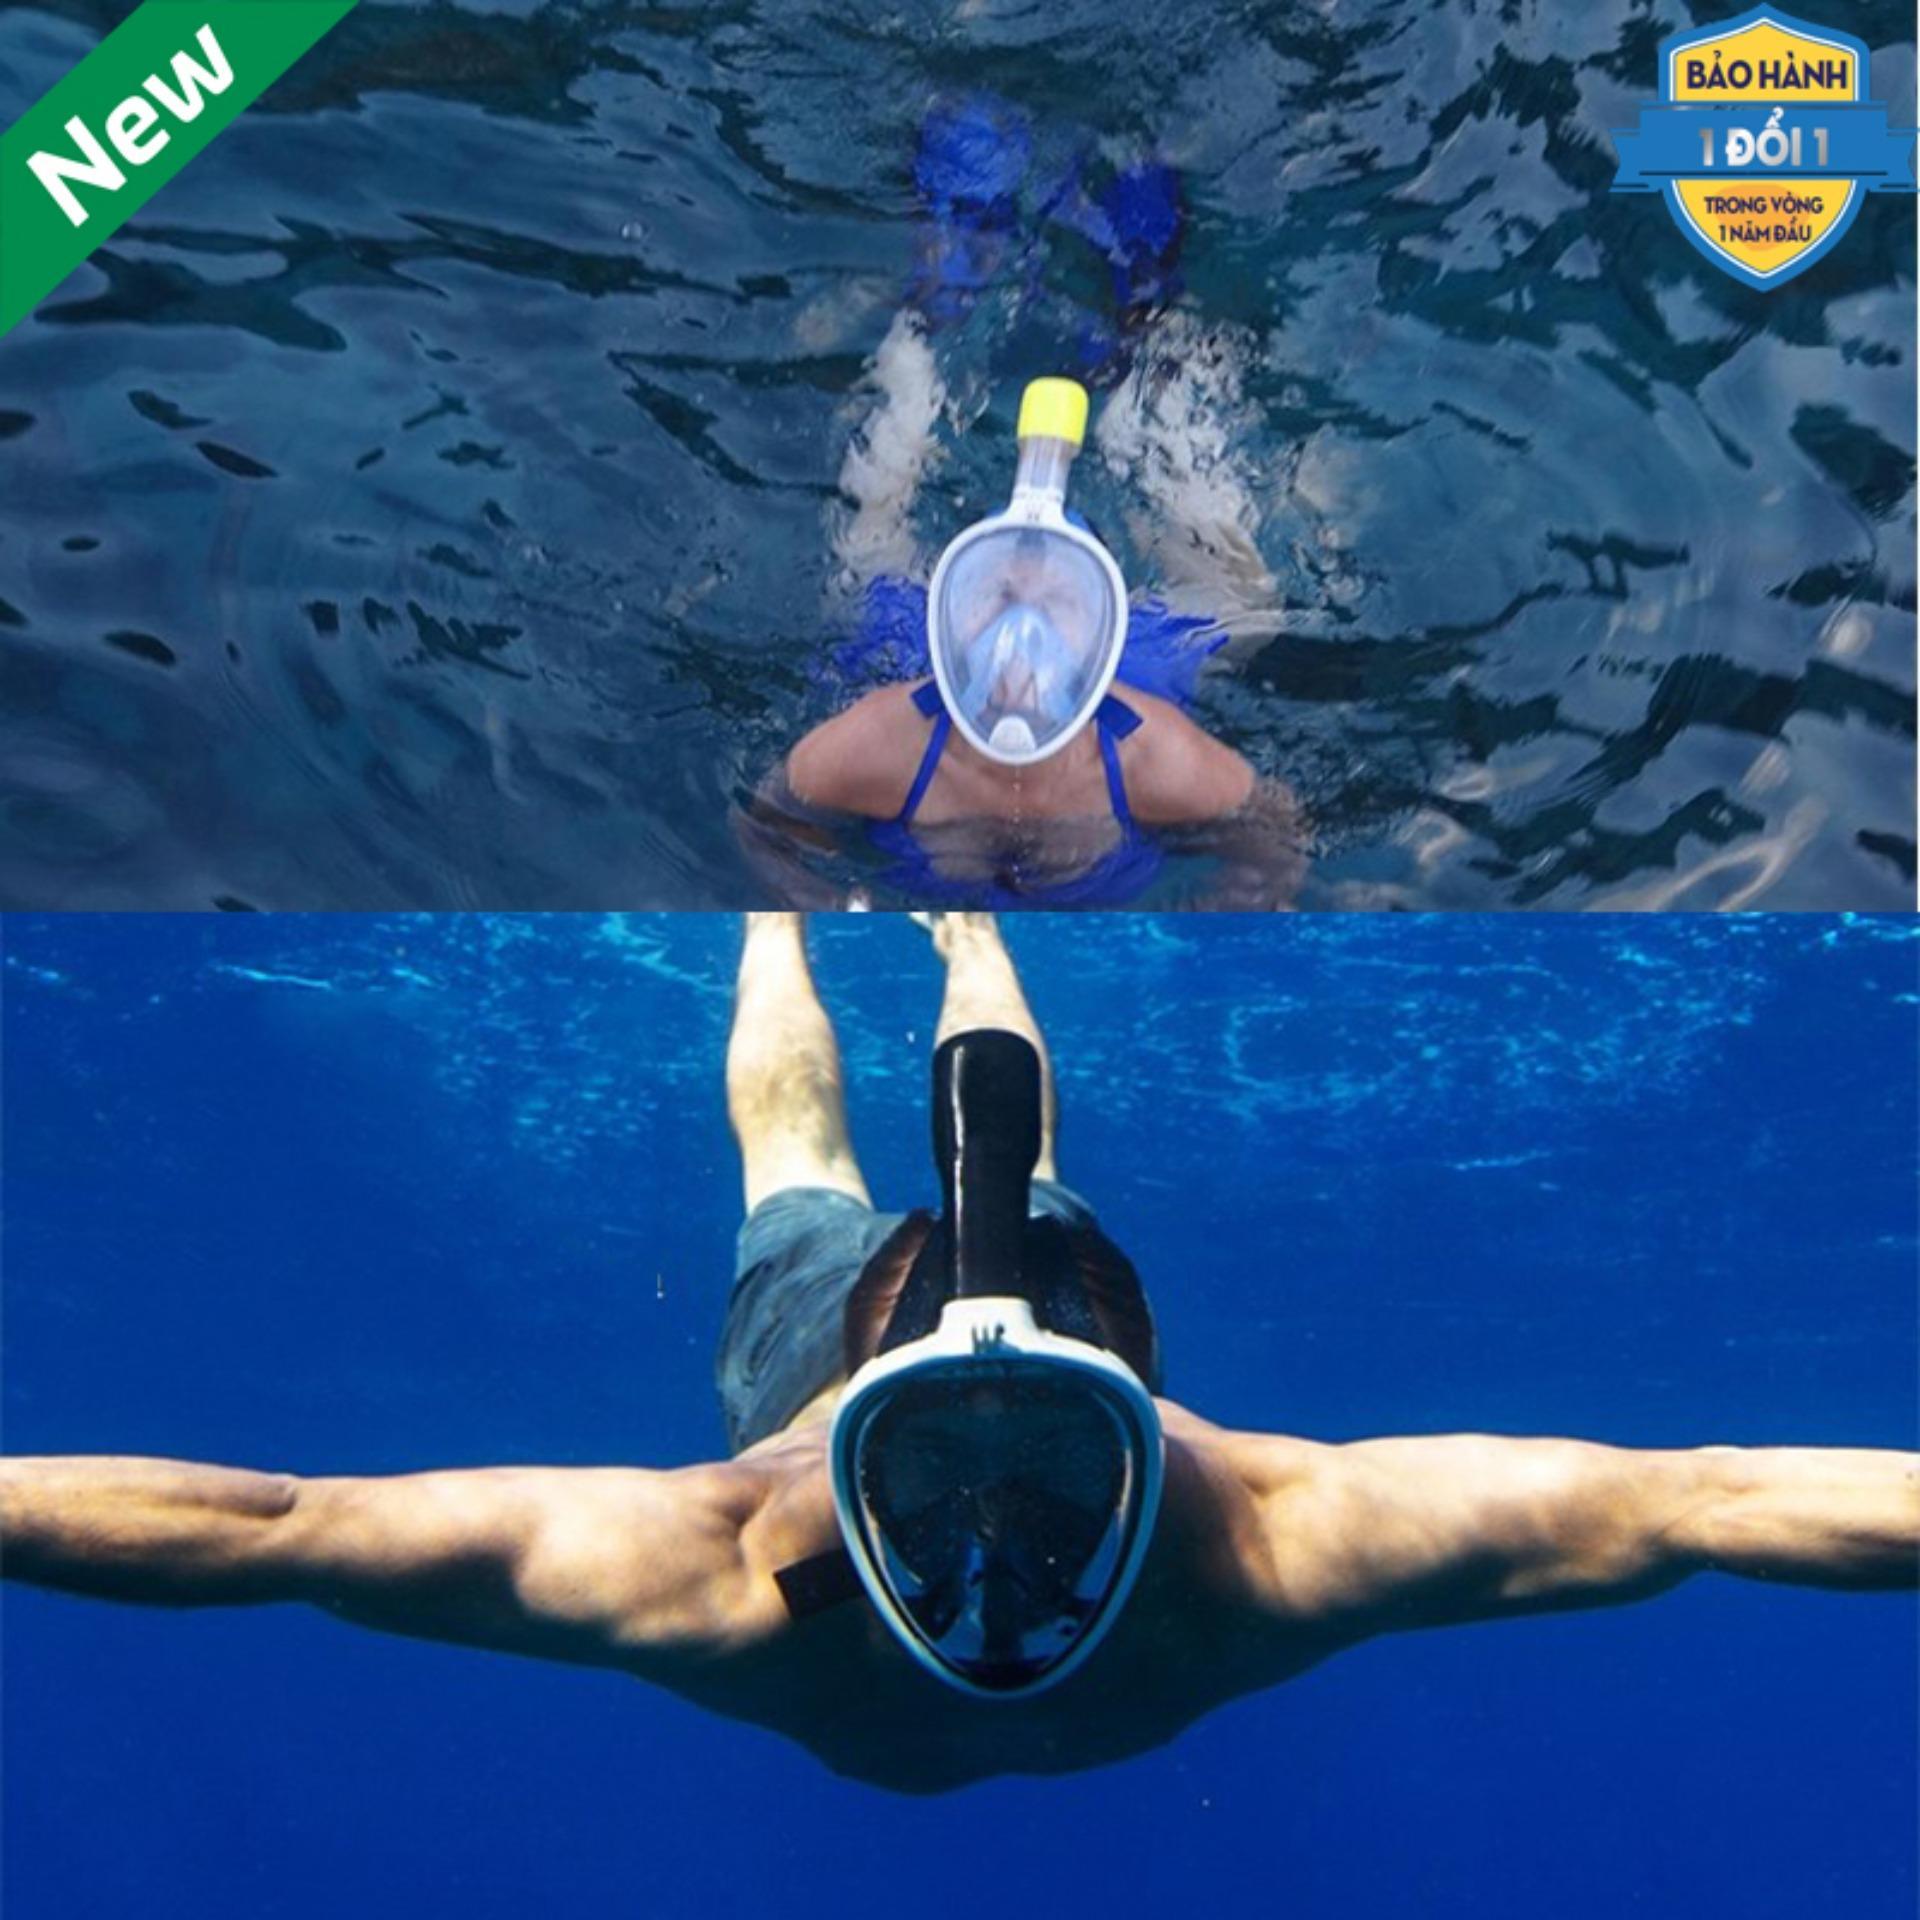 Shop Bán Đồ Bơi Nữ Tphcm_Mặt Lạ Lặn Biển Cao Cấp Sang Trọng Mặt Kính Cường Lực,Gắn Được Gopro,Sjcam Tầm Nhìn 180 Độ,Ống Thở Liền Kính.Bh 12T 1 Đổi 1.Giảm50% Seri 332